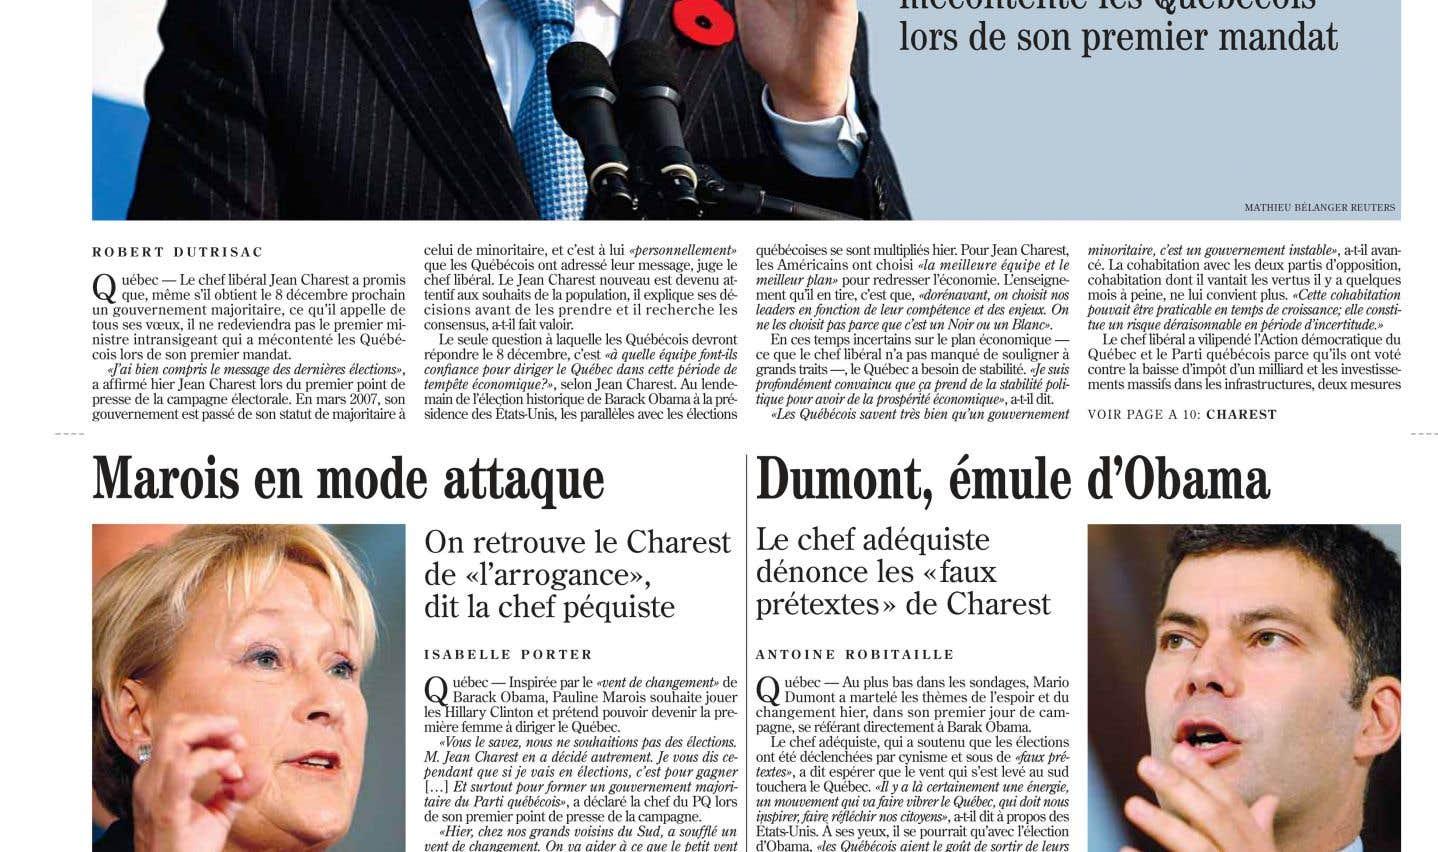 La une du «Devoir» du 5 novembre 2008